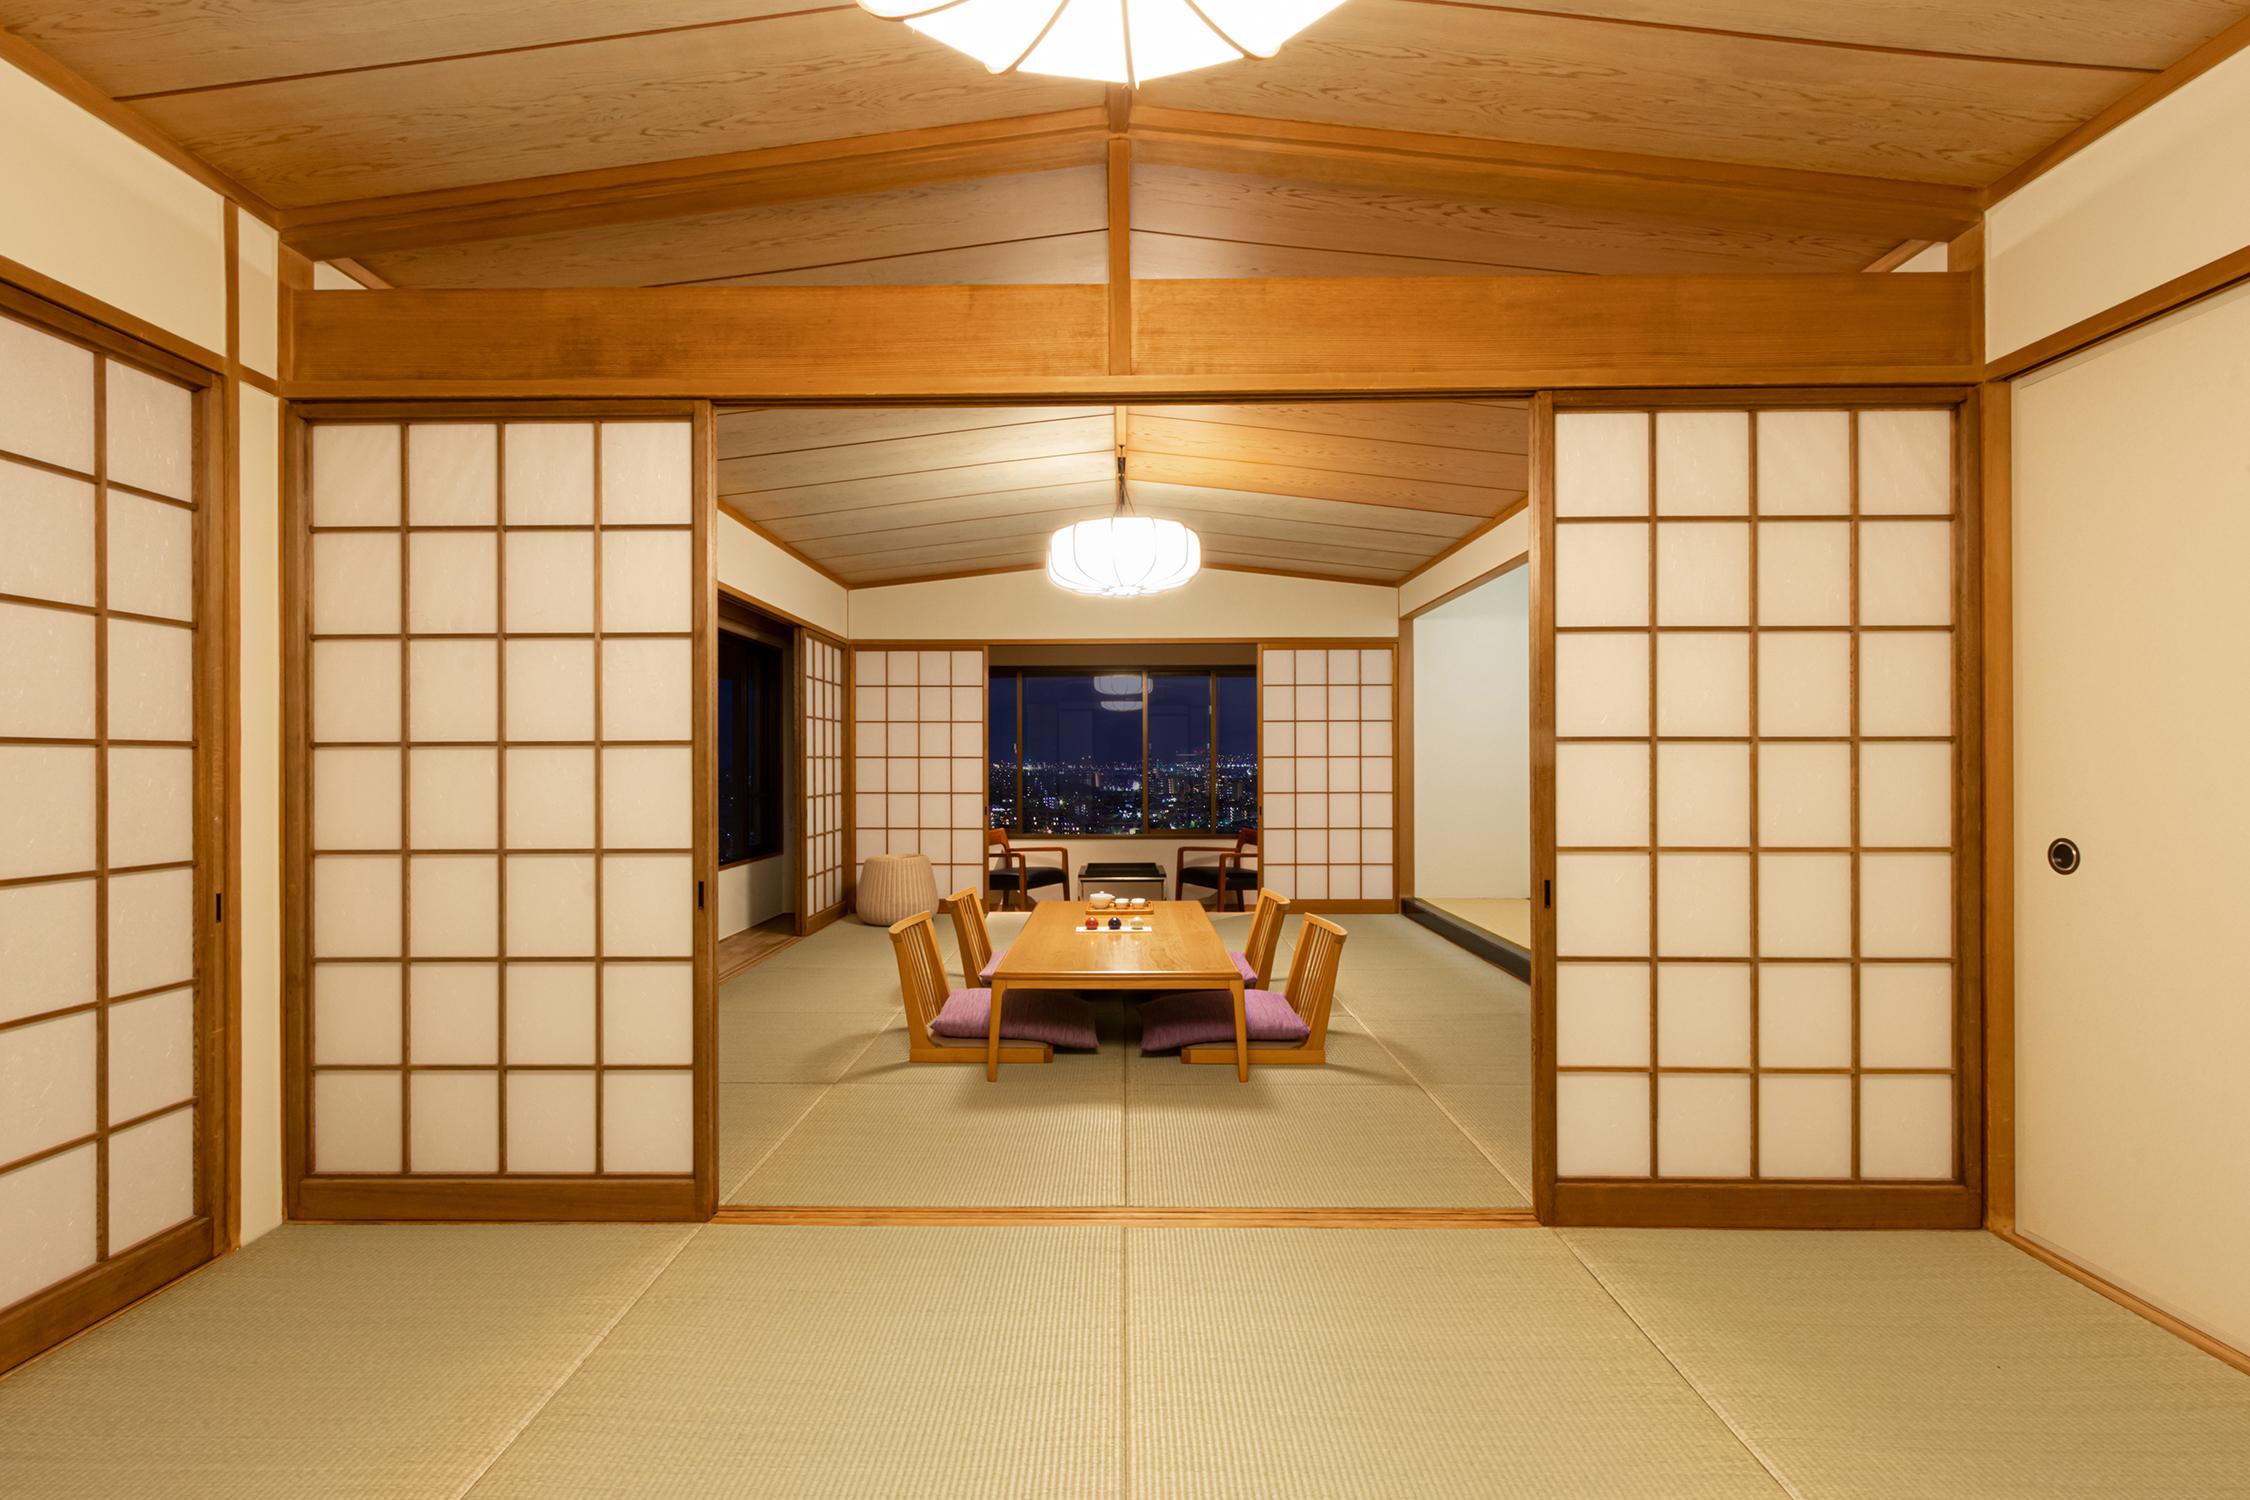 部屋の窓の景色をレタッチ合成した建築写真 | 福岡のカメラマン